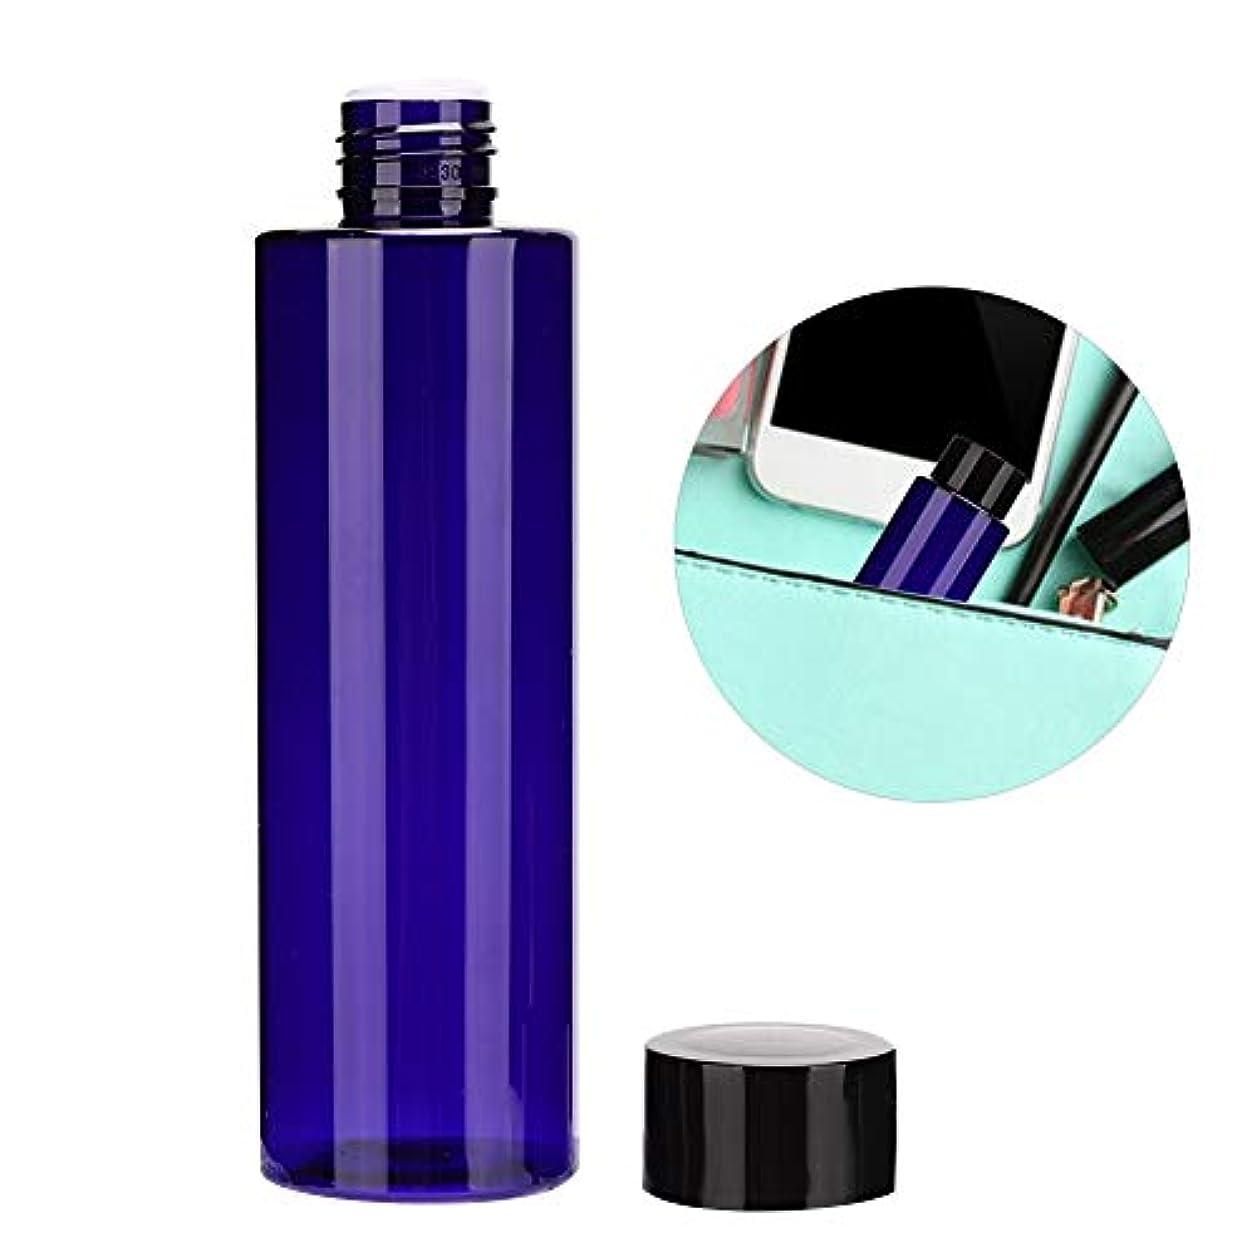 ゼリーキャップ中央値200ML PET 詰め替え 可能な空 液体ボトルローション スキンケア 製品 空の化粧品 トナーコンテナボトル